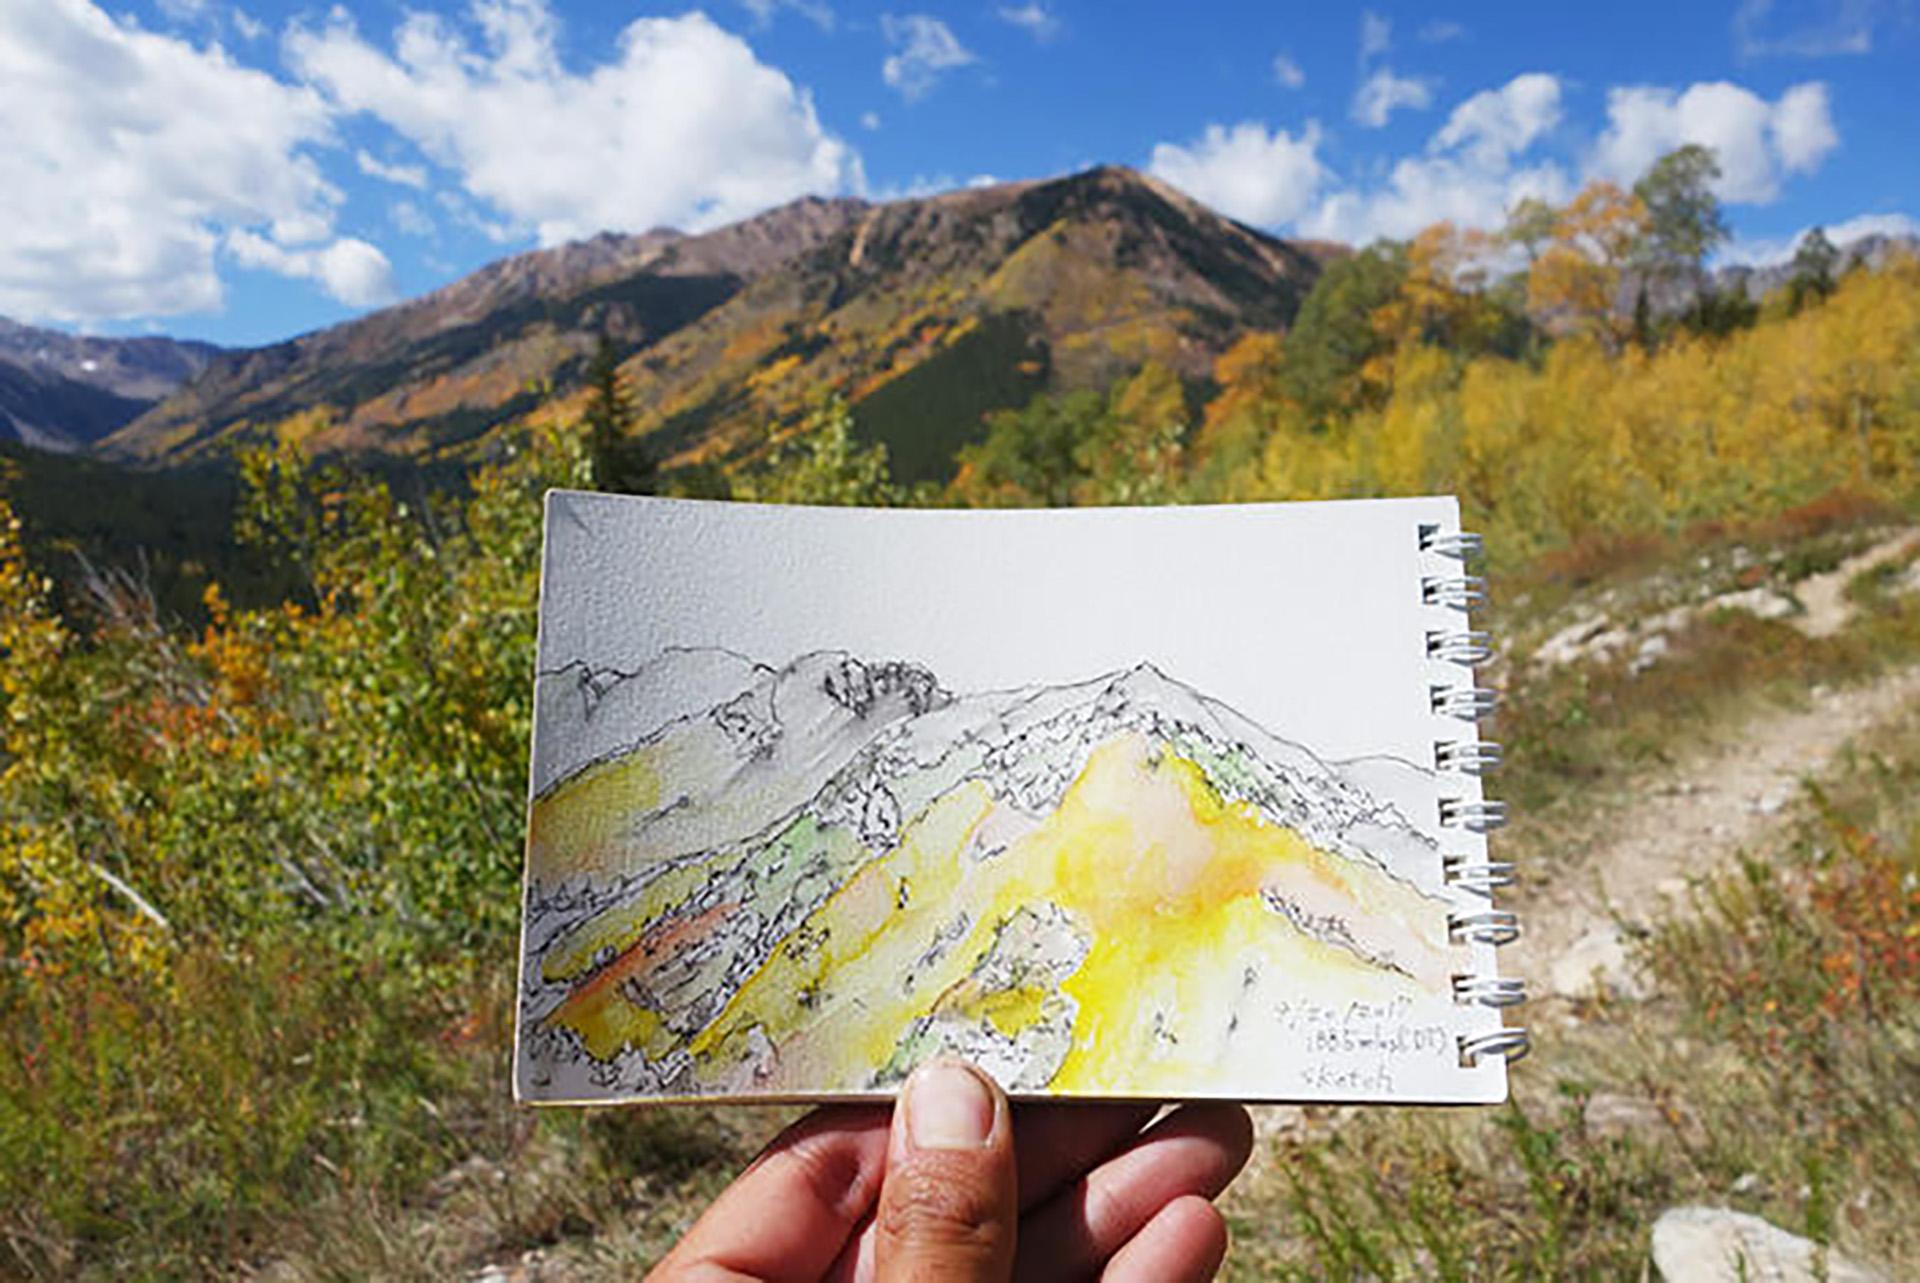 8-3 トリプルクラウナー/イラストレーター・河戸良佑氏インタビュー<br>〜ロングトレイルに必要な才能と、『アリガト山』への思い〜